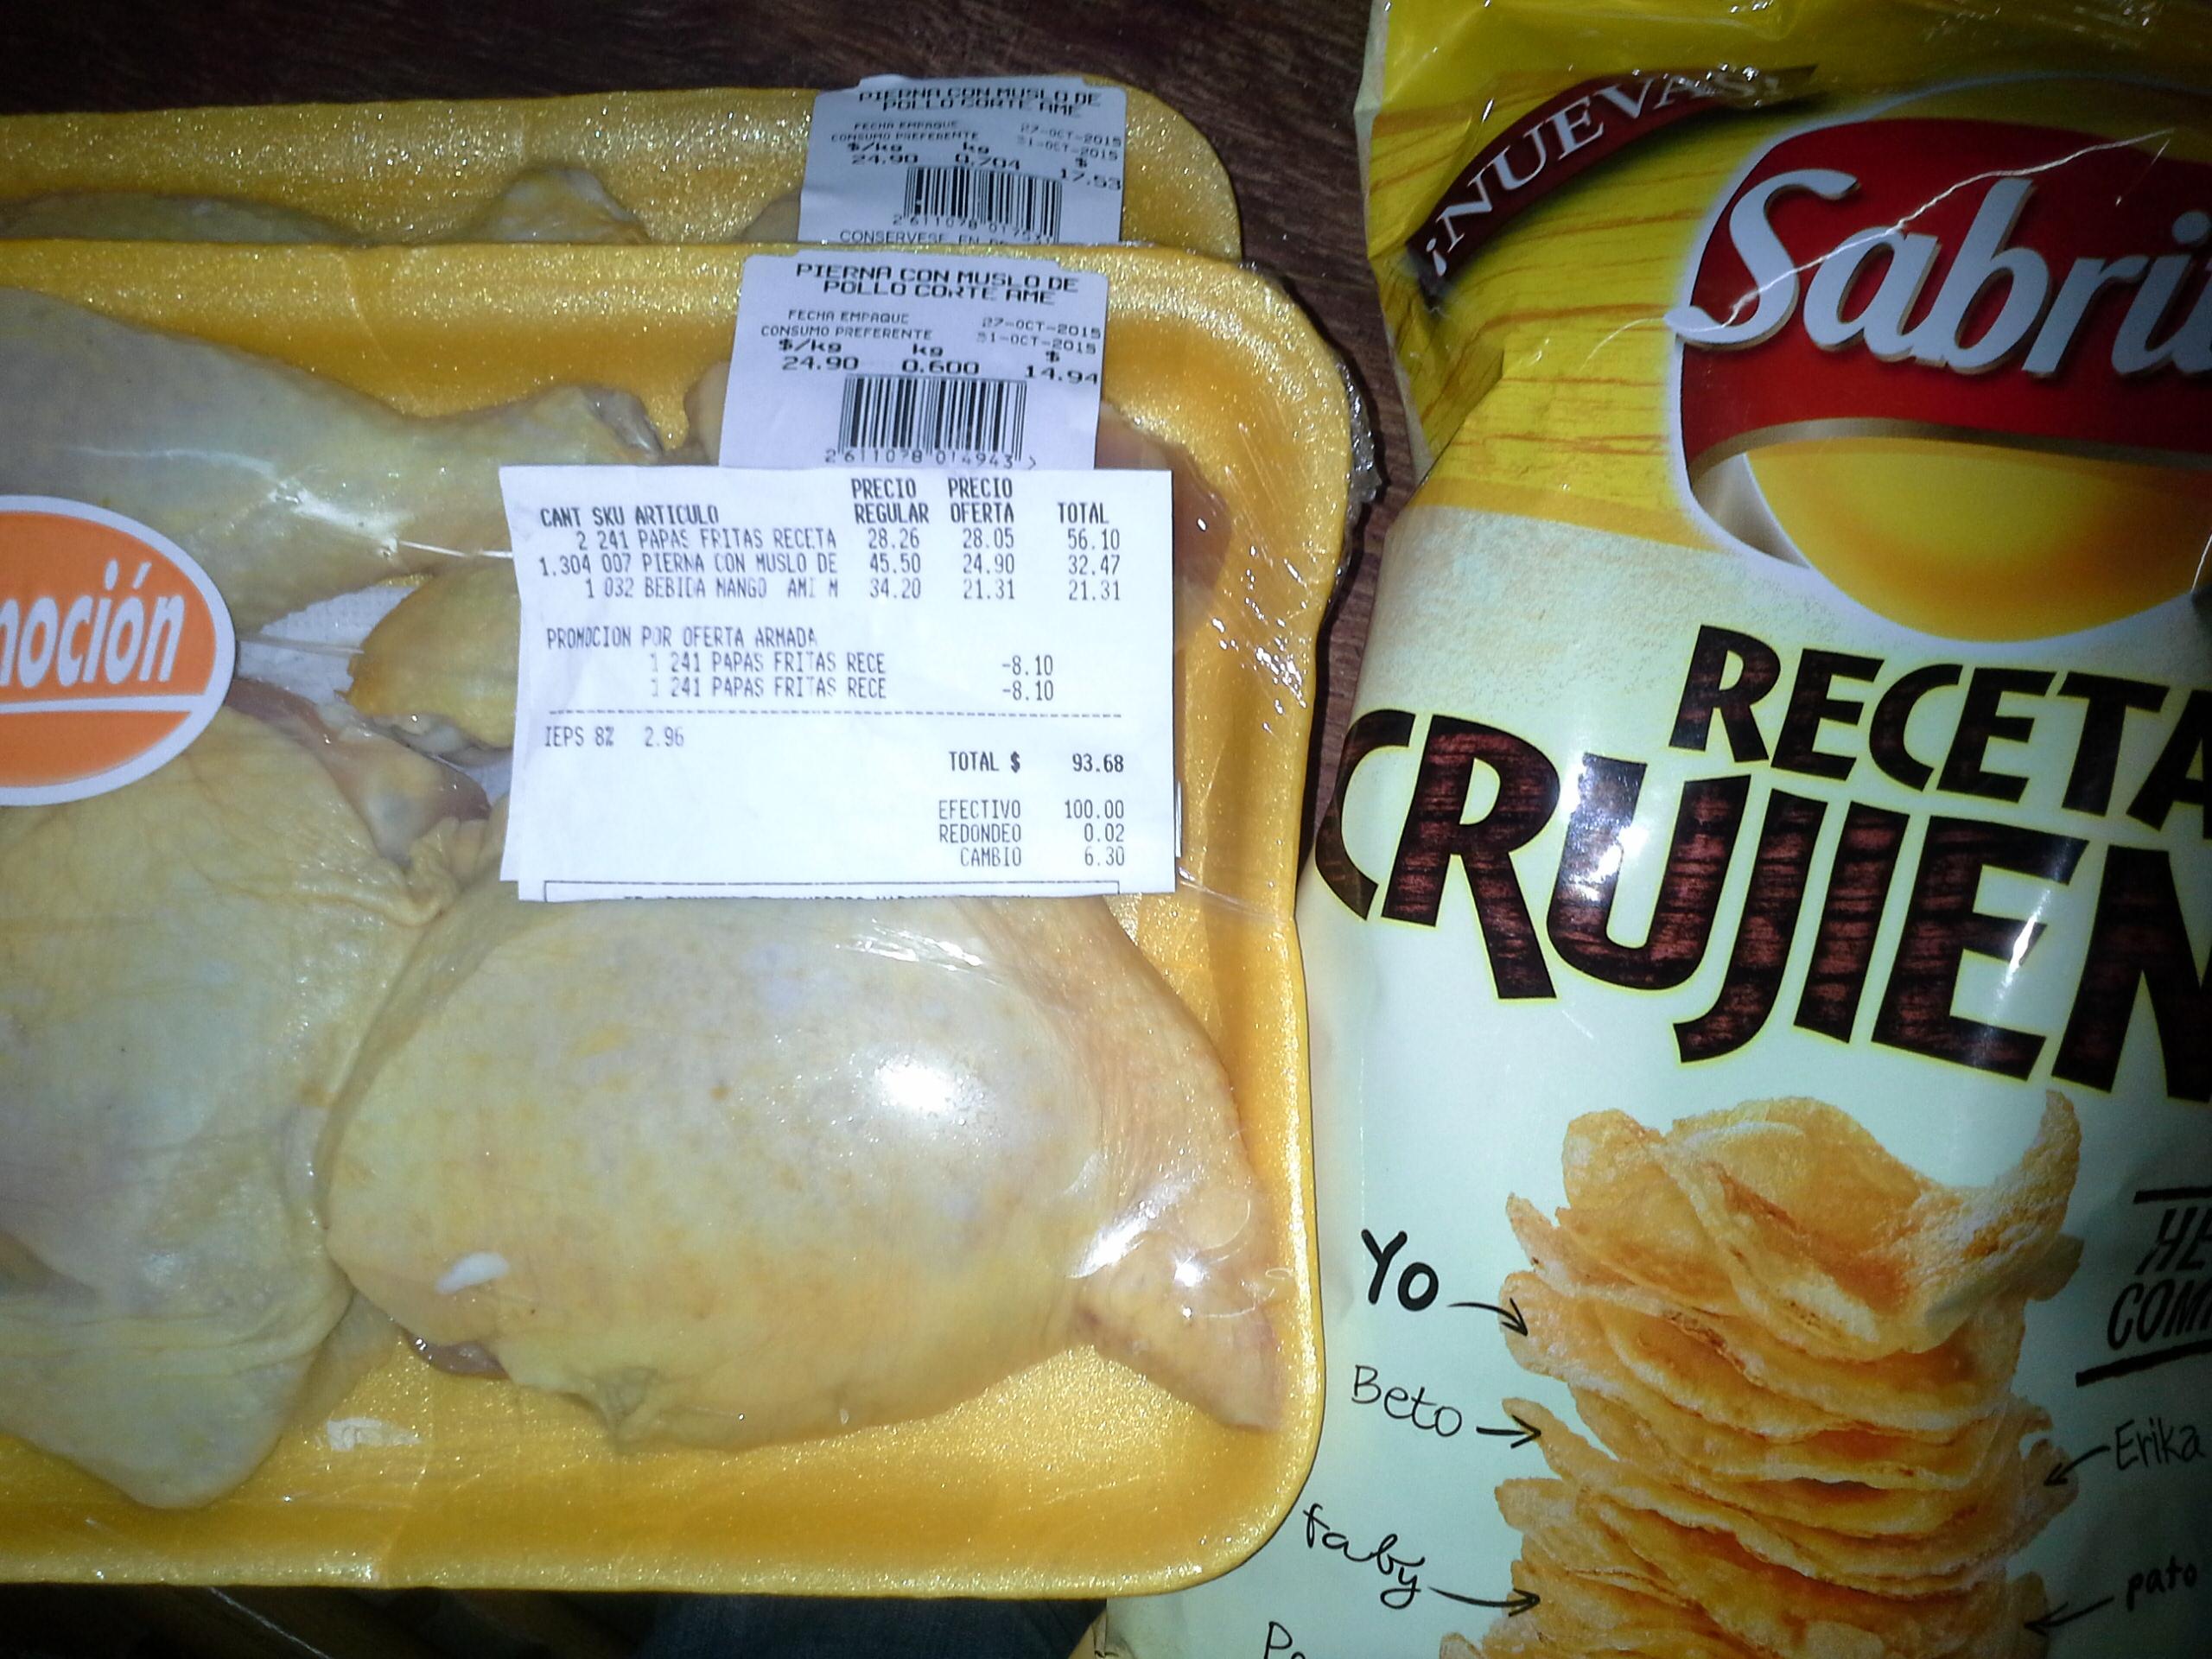 La Comer : El kilo de pierna con muslo a $24.90